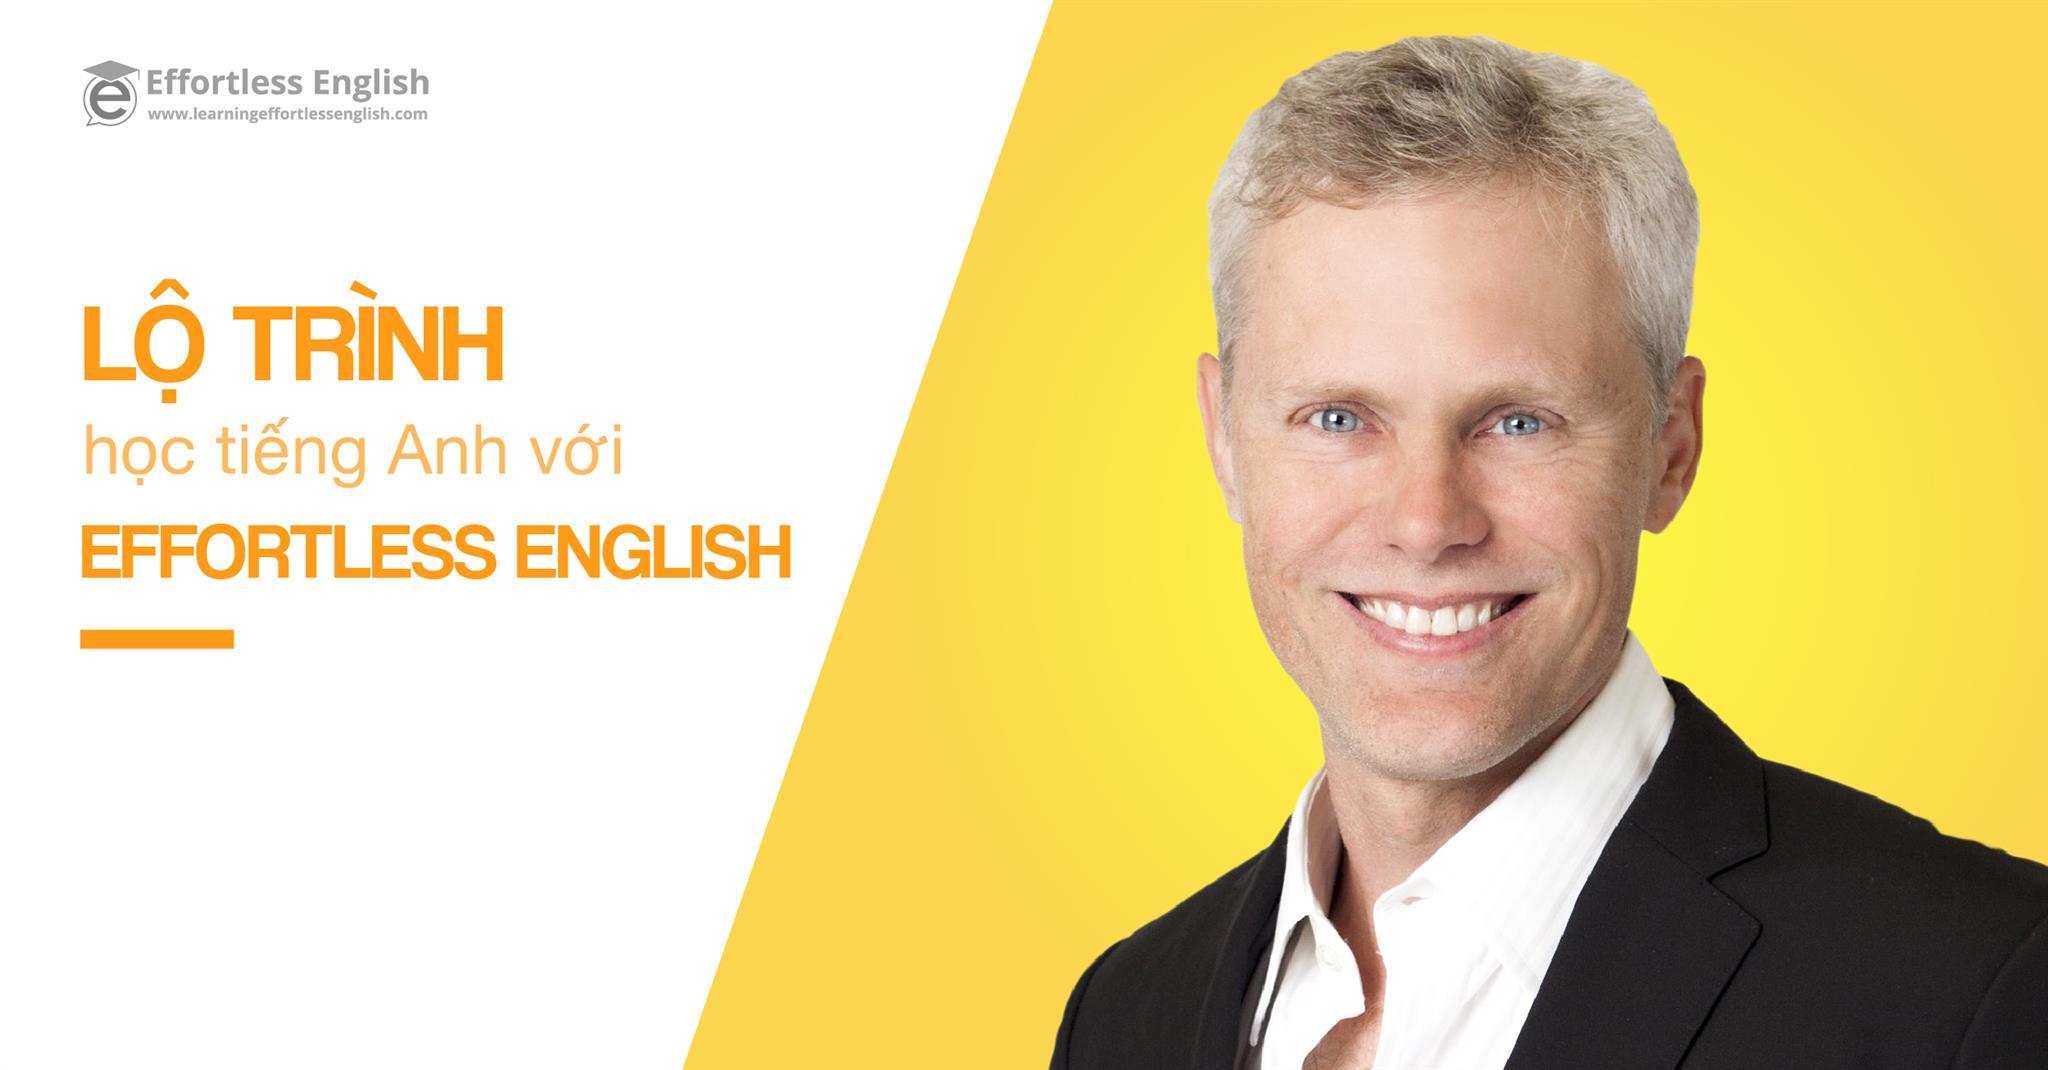 Lộ trình học Effortless English từ cơ bản đến nâng cao (2019)